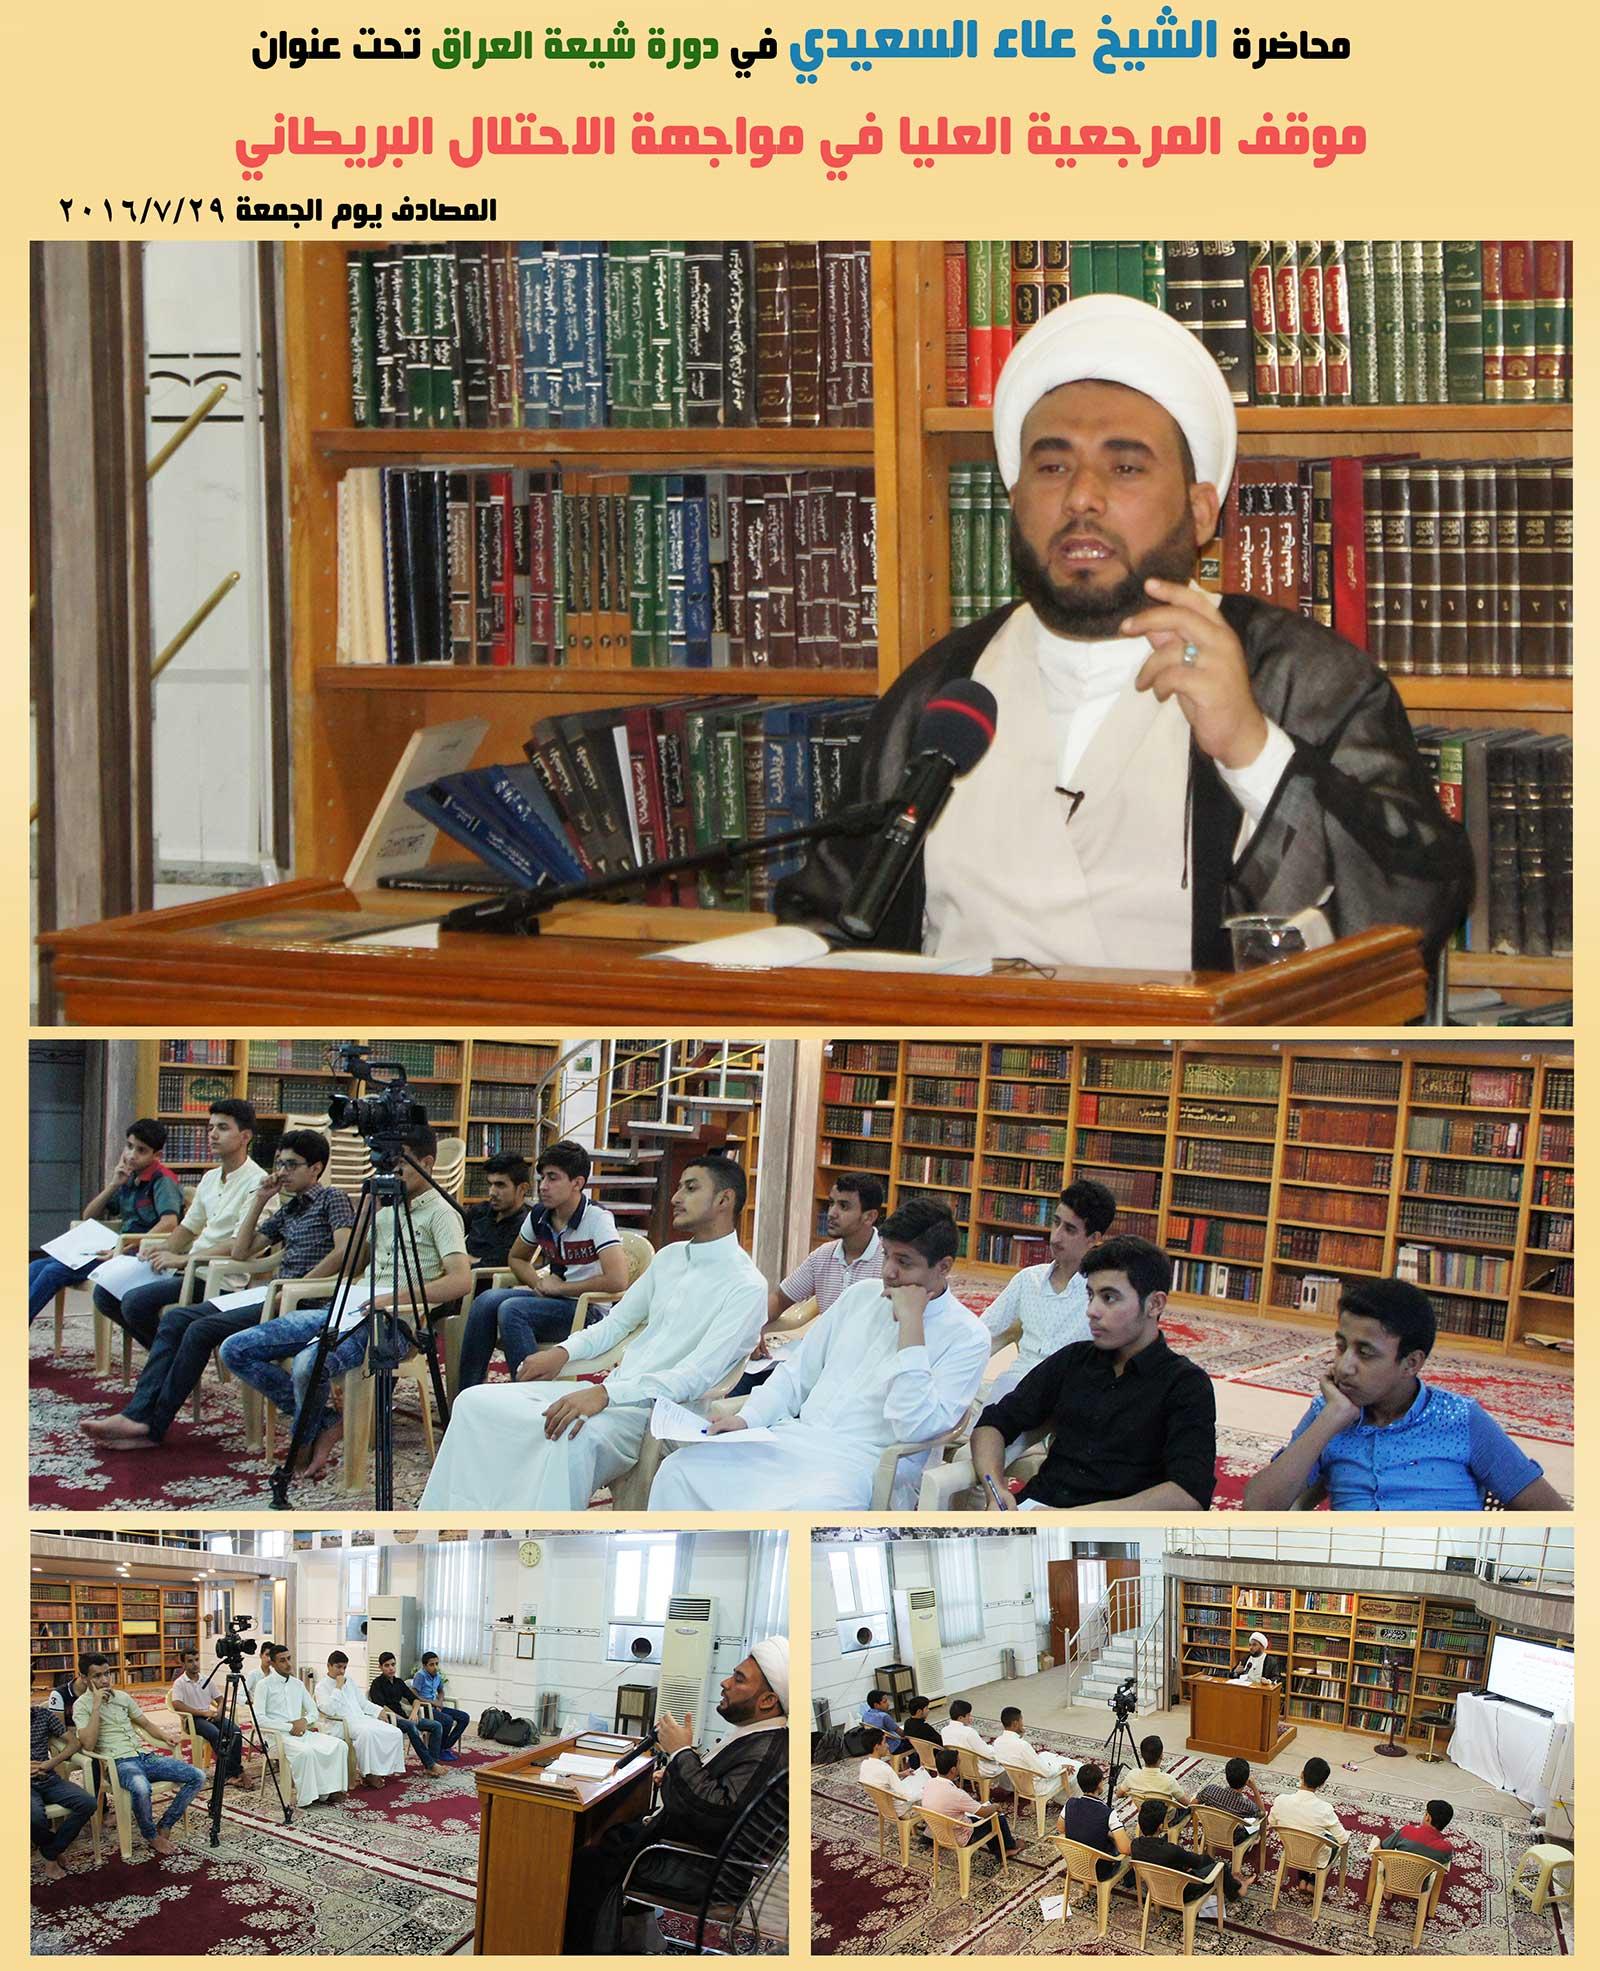 دورة شيعة العراق شباب كربلاء